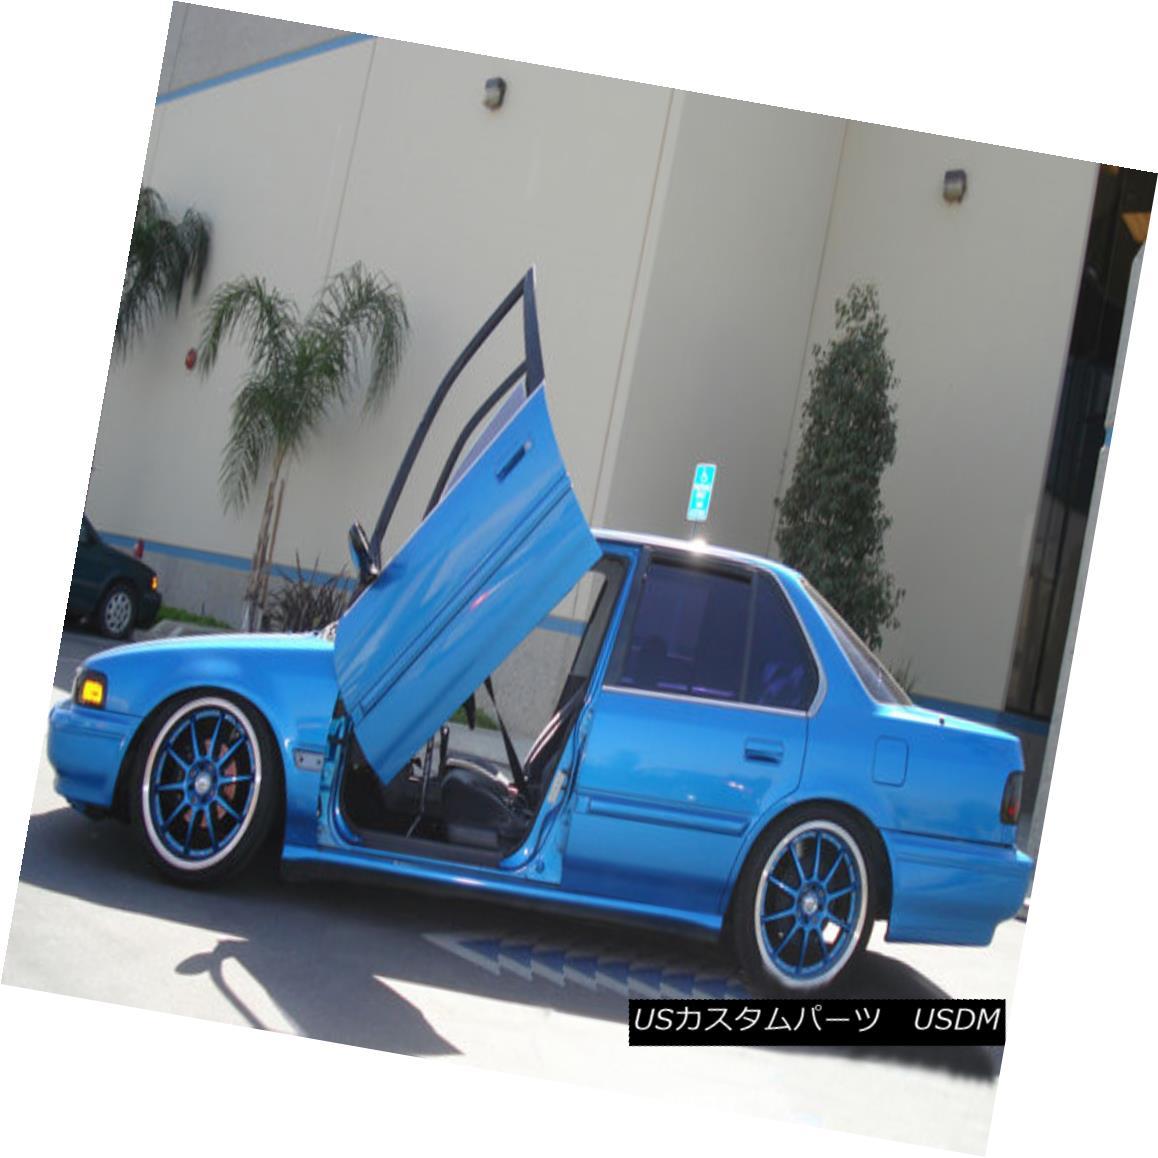 ガルウィングキット Direct Bolt On Vertical Lambo Doors Hinges Kit With Warranty VDCHA9093 VDCHA9093保証付きのランボルギーニドアヒンジキットの直接ボルト